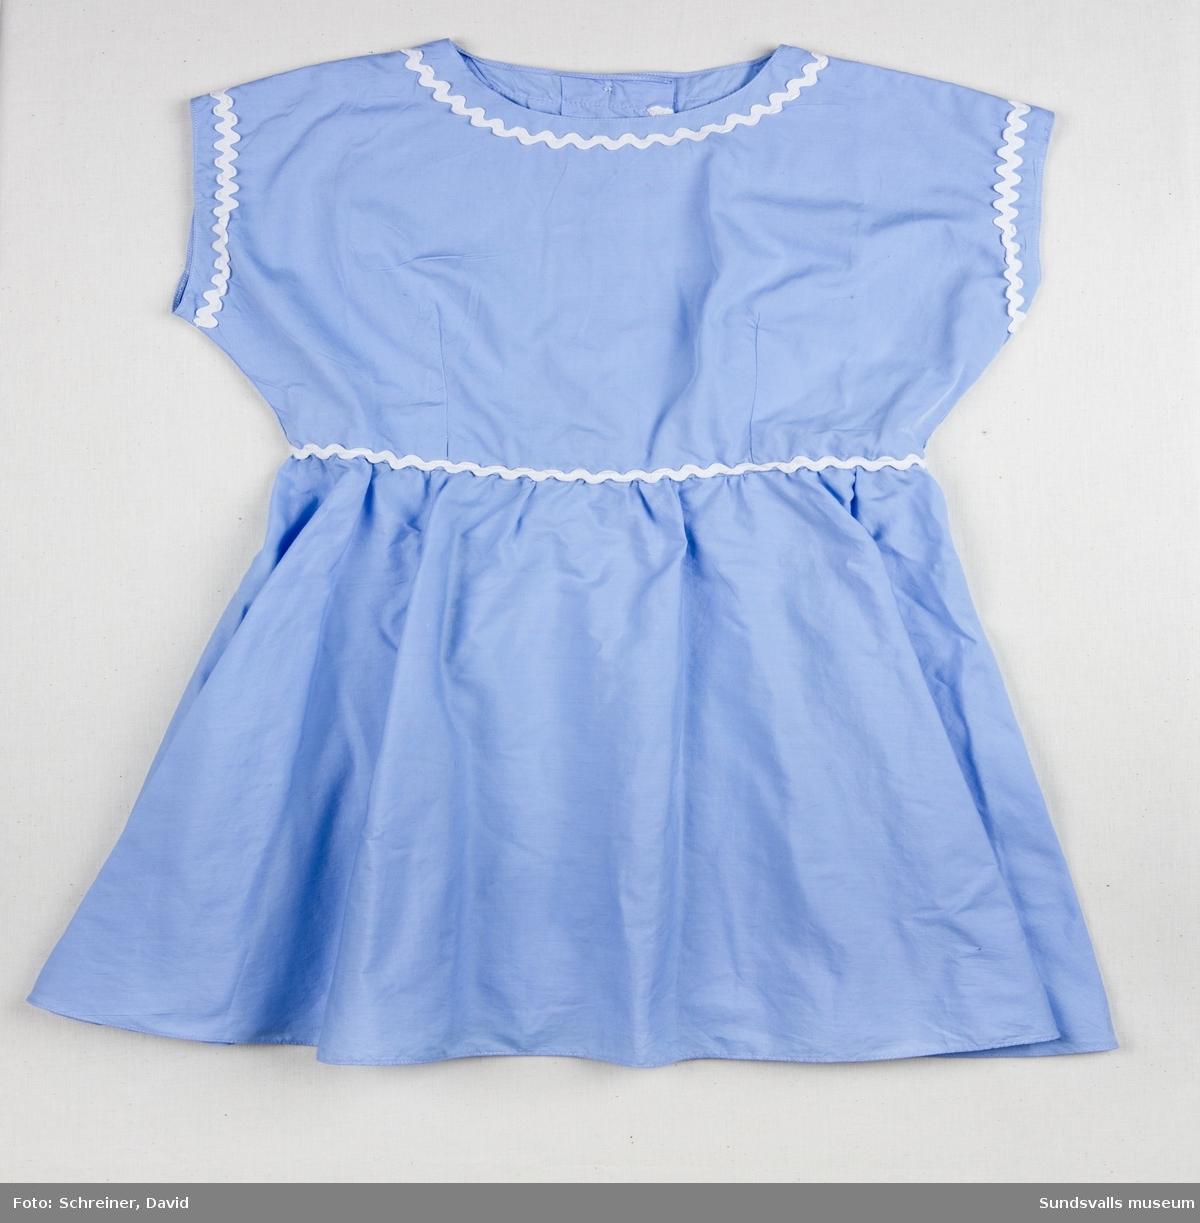 En ljusblå ärmlös klänning med utsmyckning runt ärmhål, halsrundning och midja med vitt dekorband.